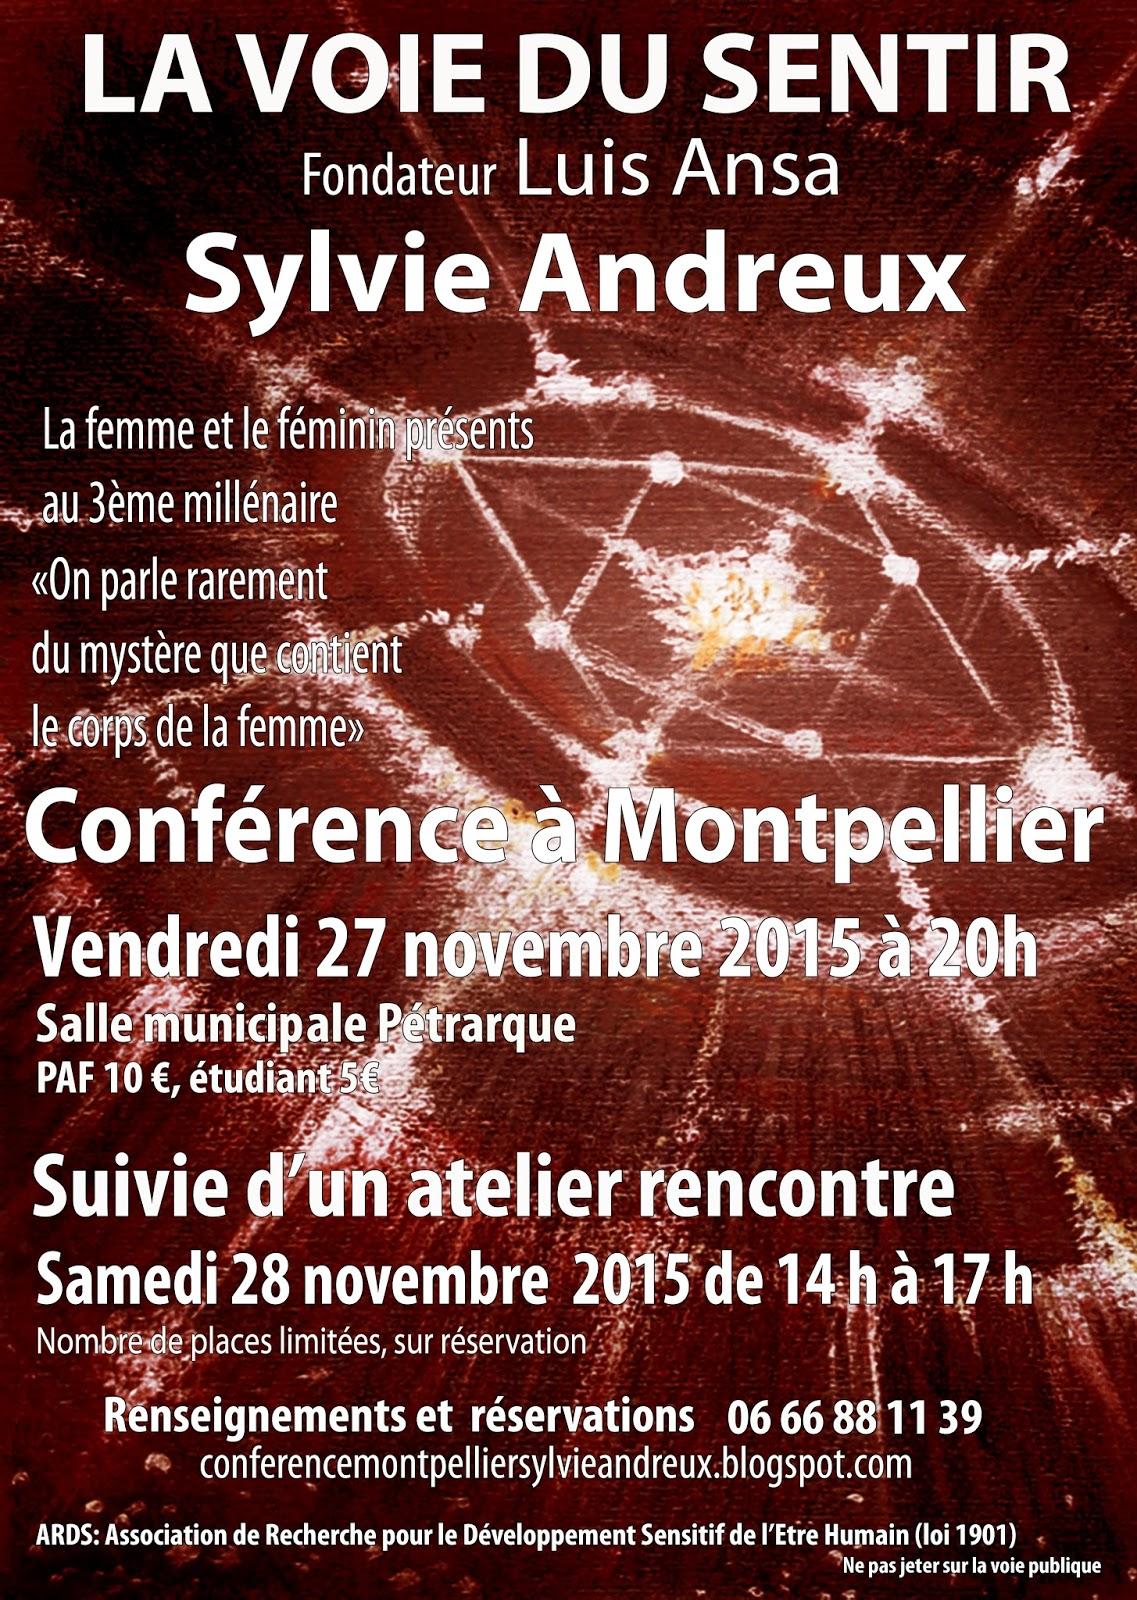 Rencontre amicale à Montpellier () : annonces pour se faire des amis, rencontres amicales